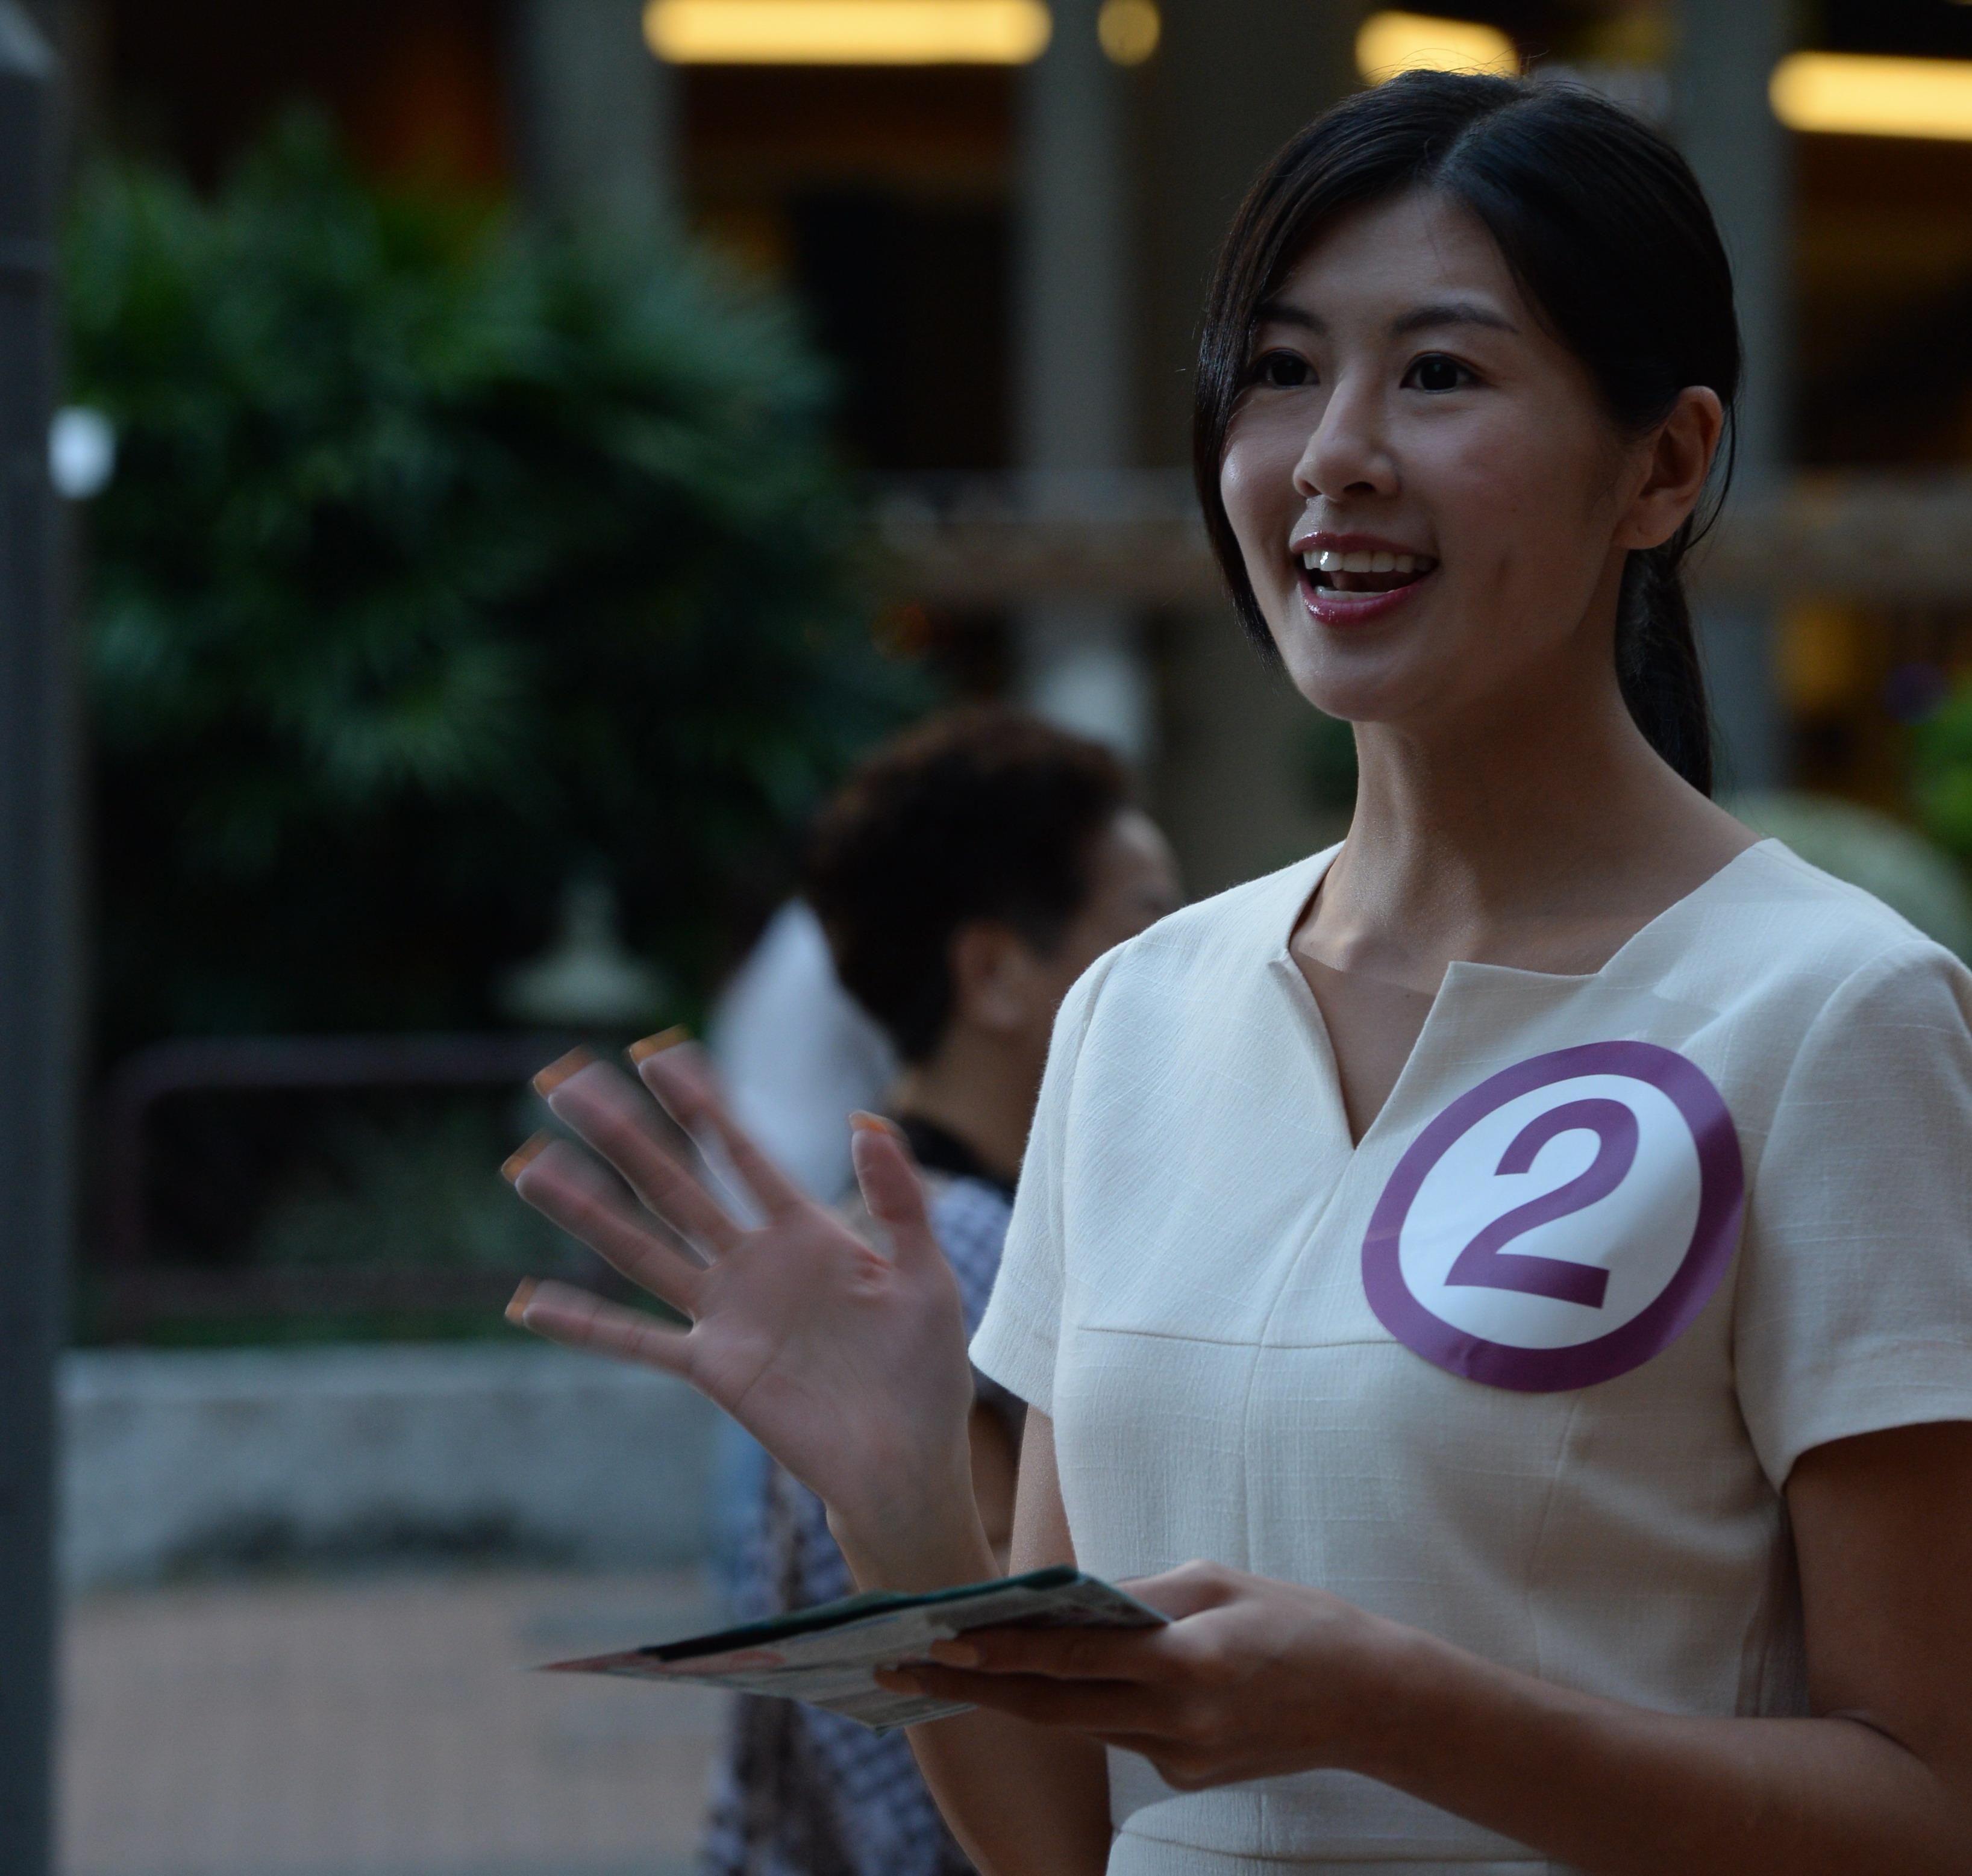 趙哲妤2010年嬴得中國小姐香港區冠軍,當日落區,她一身認真打扮。(劉焌陶攝)